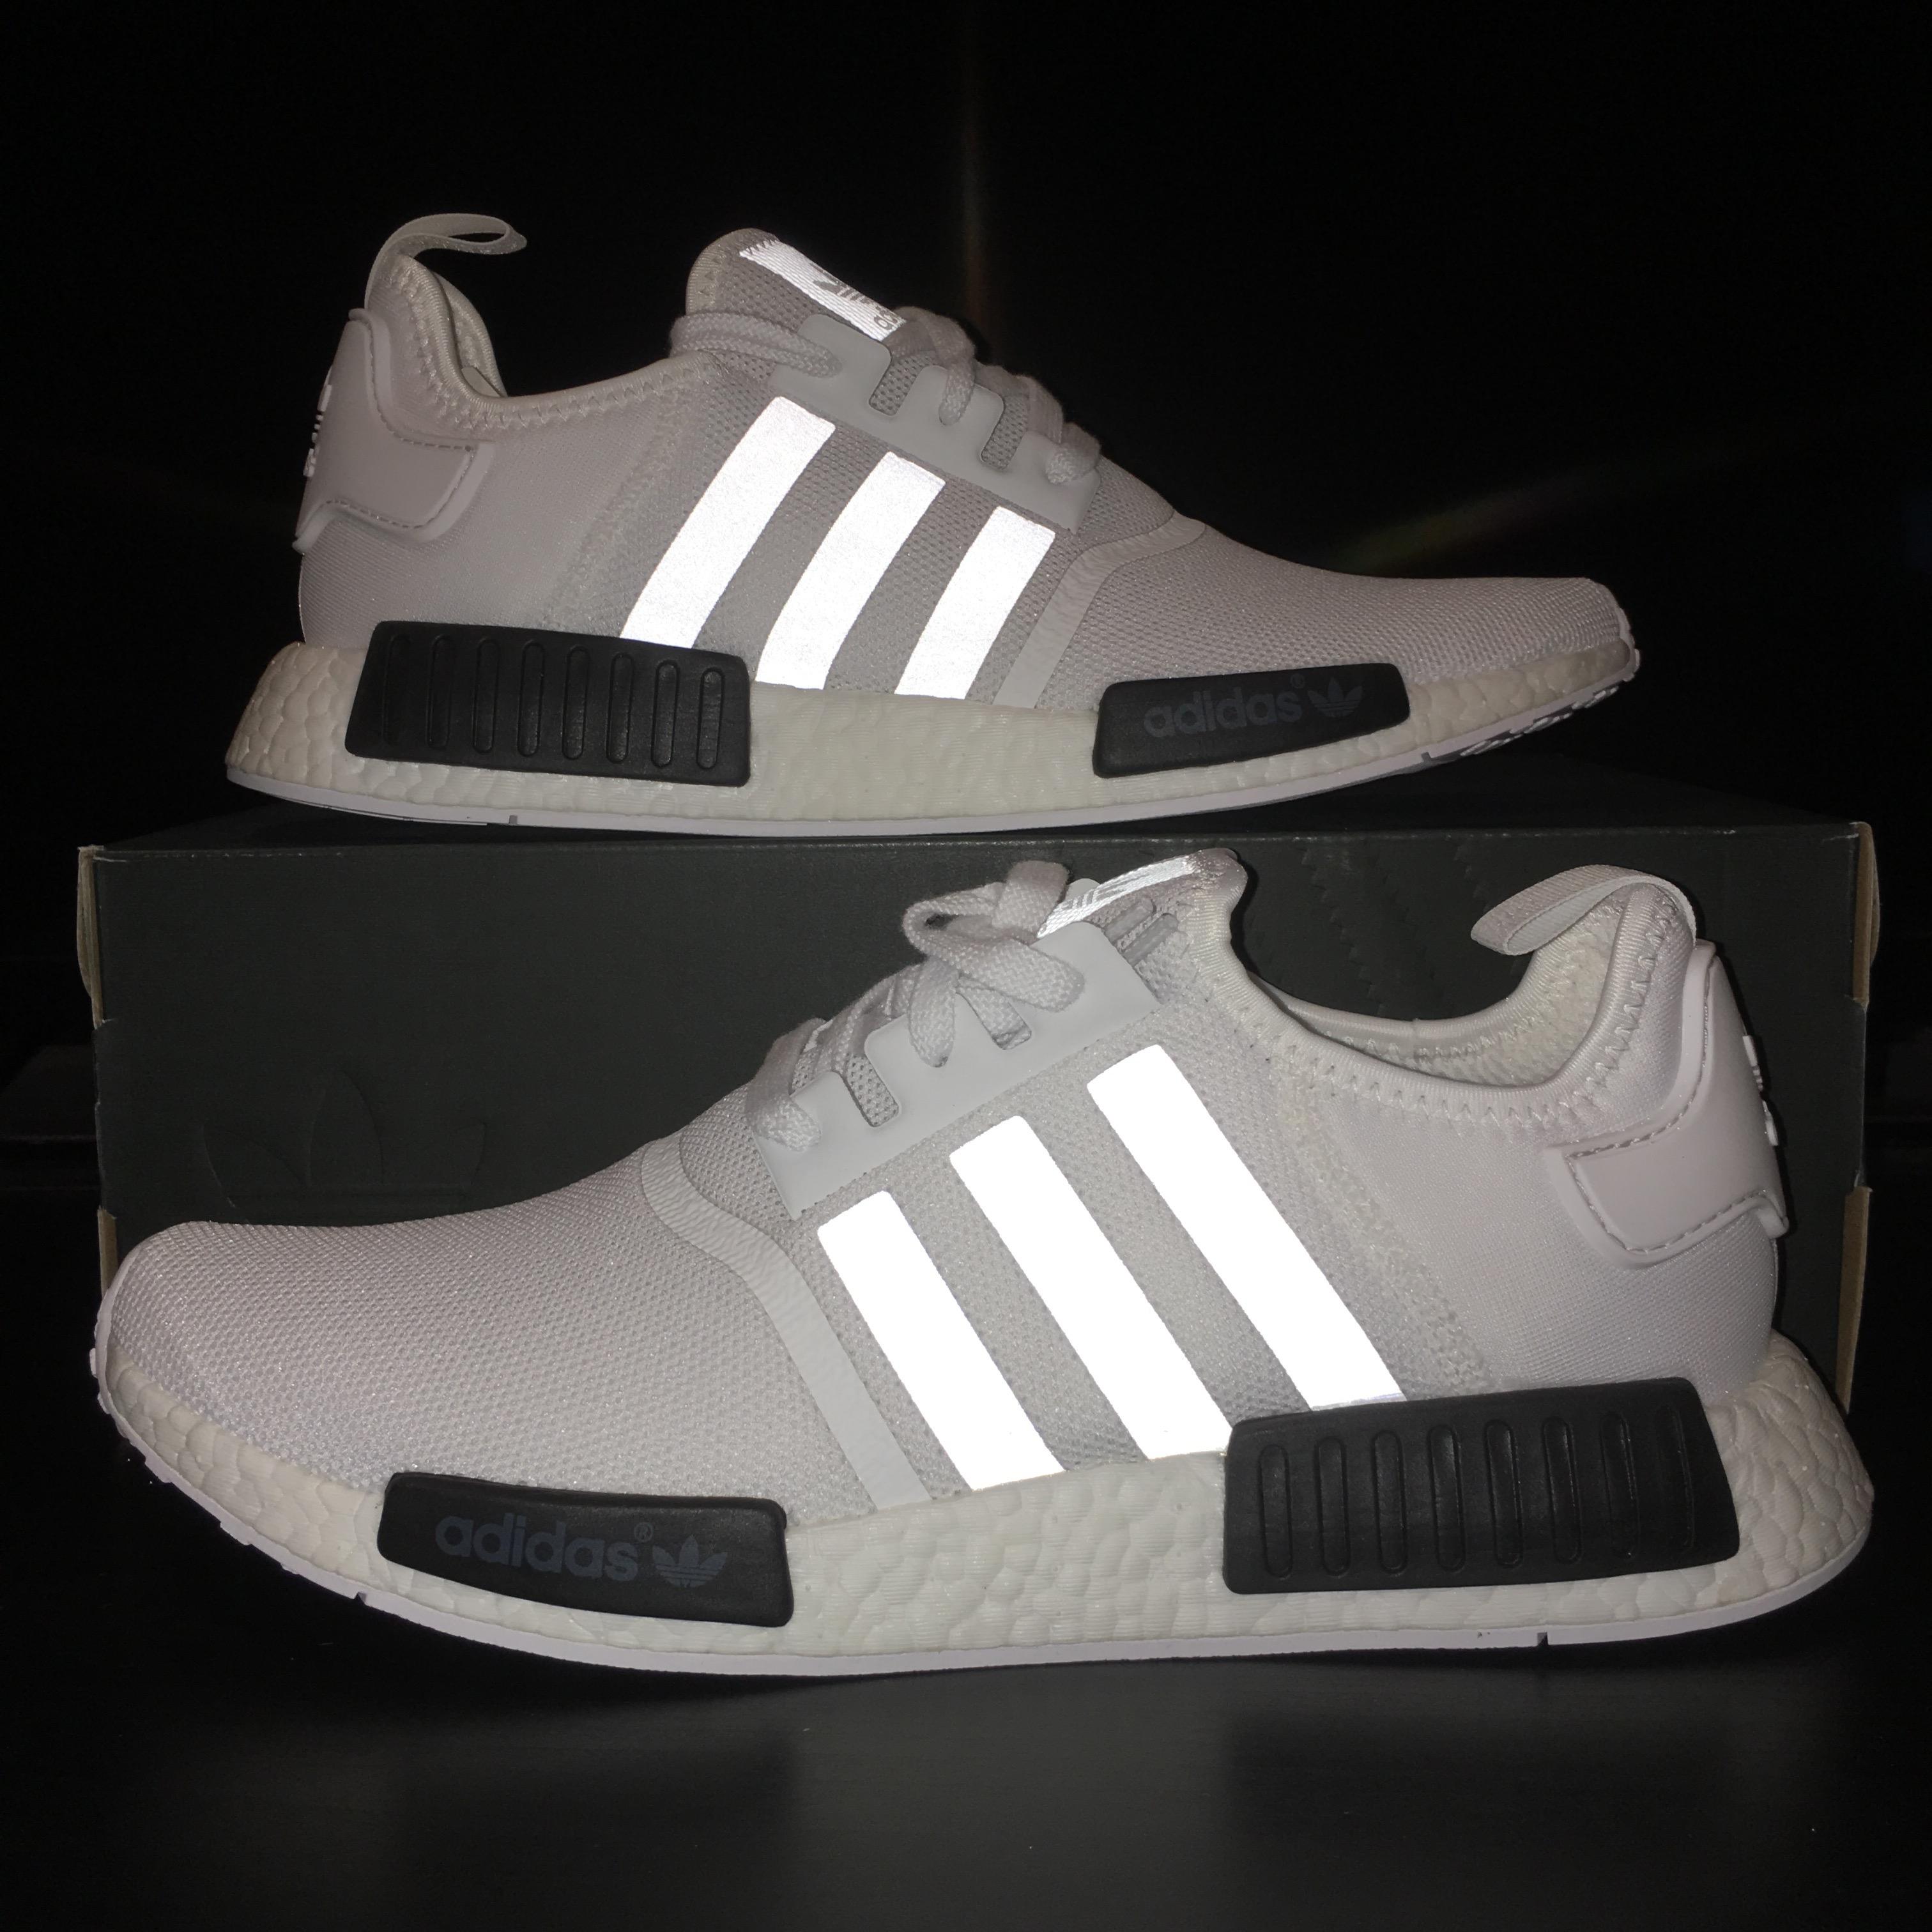 23e21f1c37e72 Adidas Nmd R1 White Black Bb1968